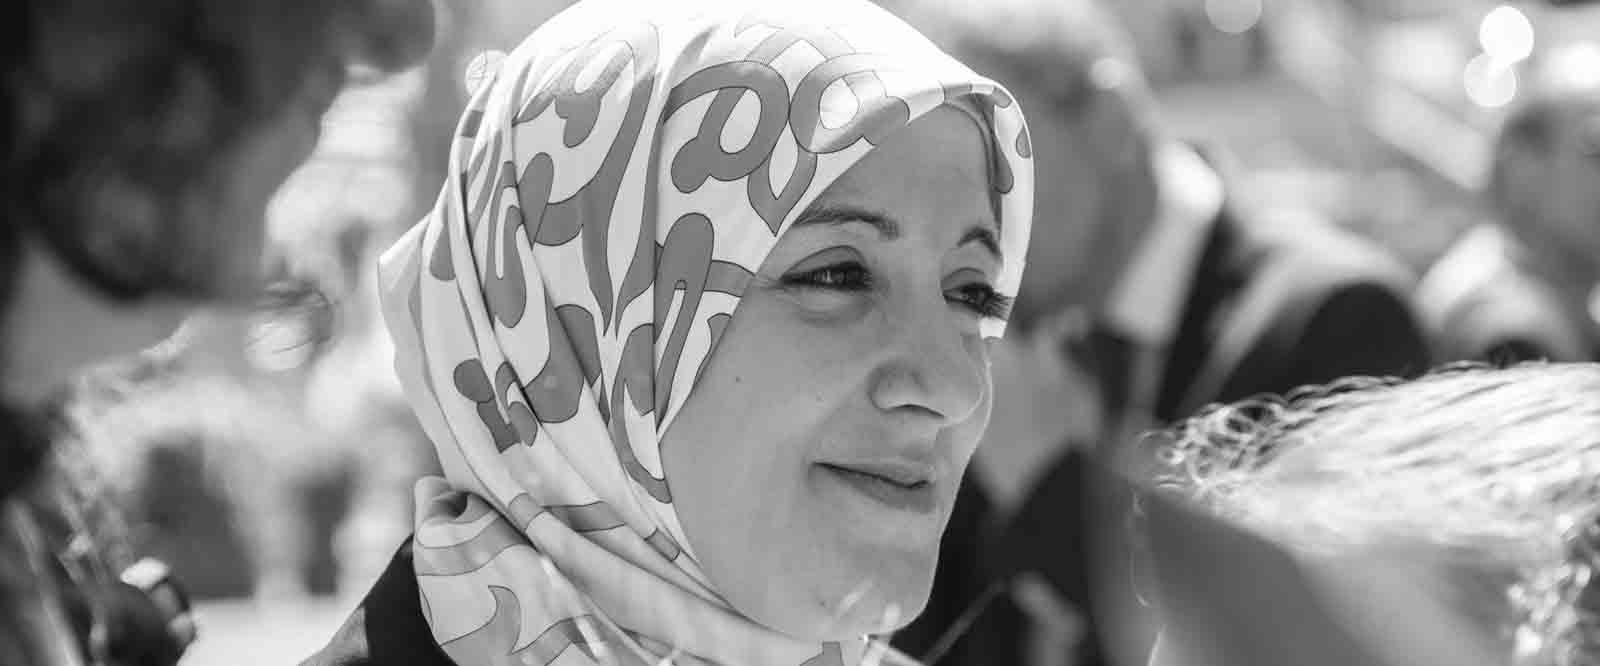 Guerra in Siria: intervista ad Asmae Dachan